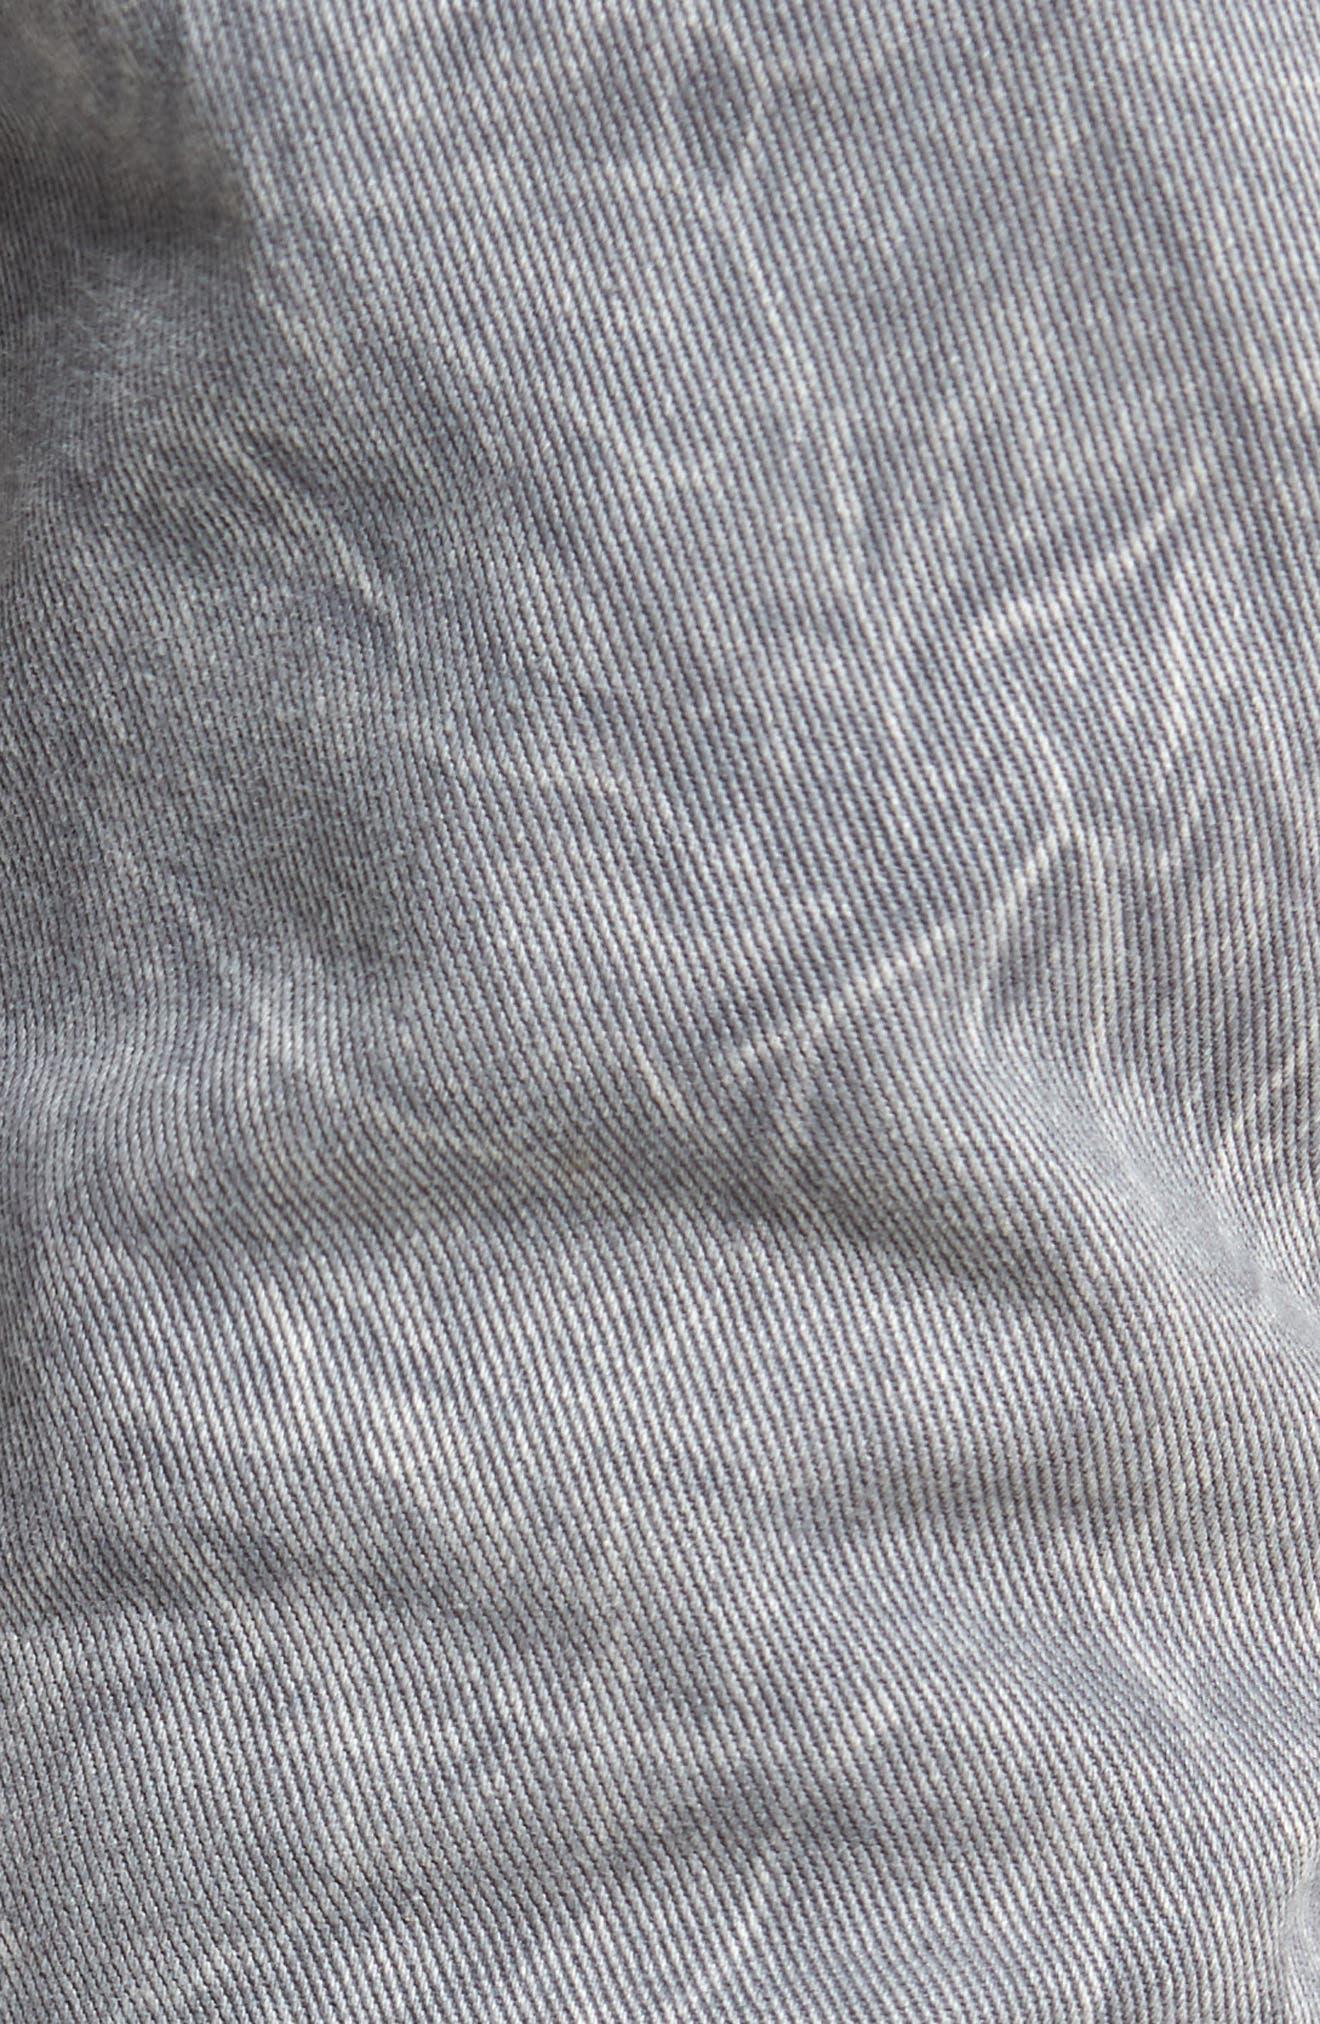 Slim Straight Leg Jeans,                             Alternate thumbnail 5, color,                             Stapes